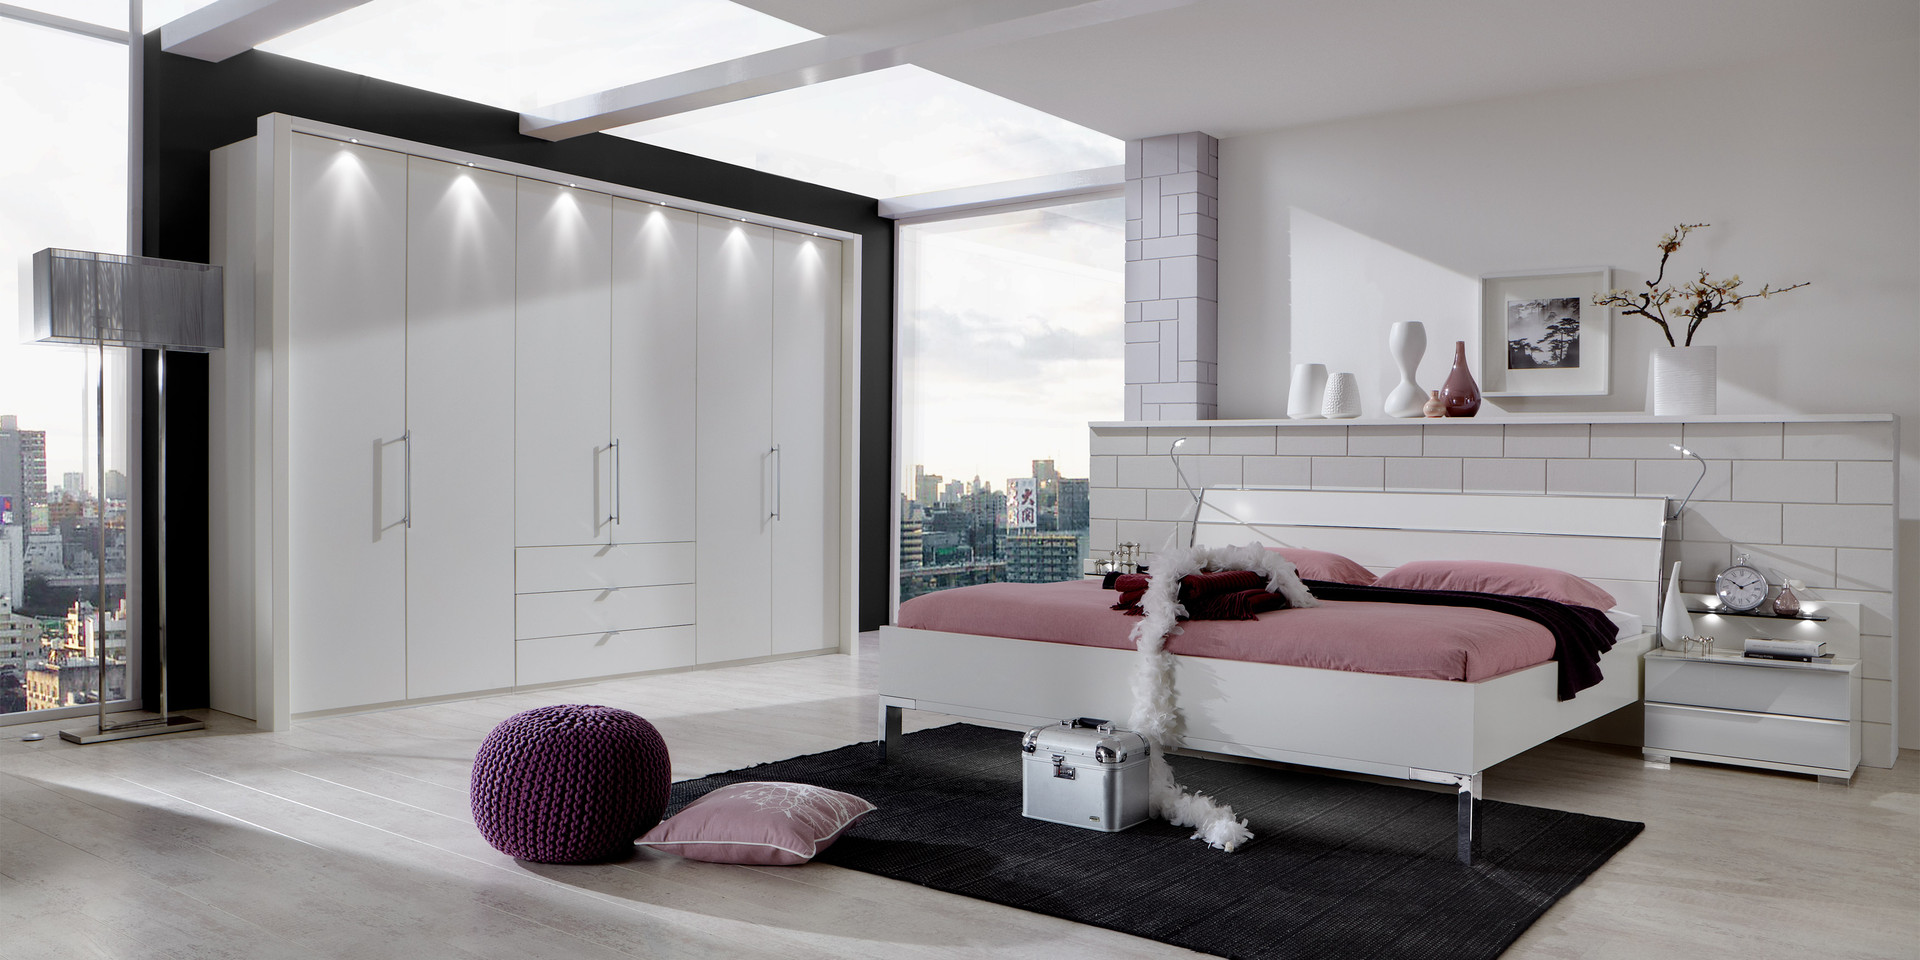 Loft » Urbanes Design, Ohne Schnörkel. Schlafzimmer Modern Schranksystem ...